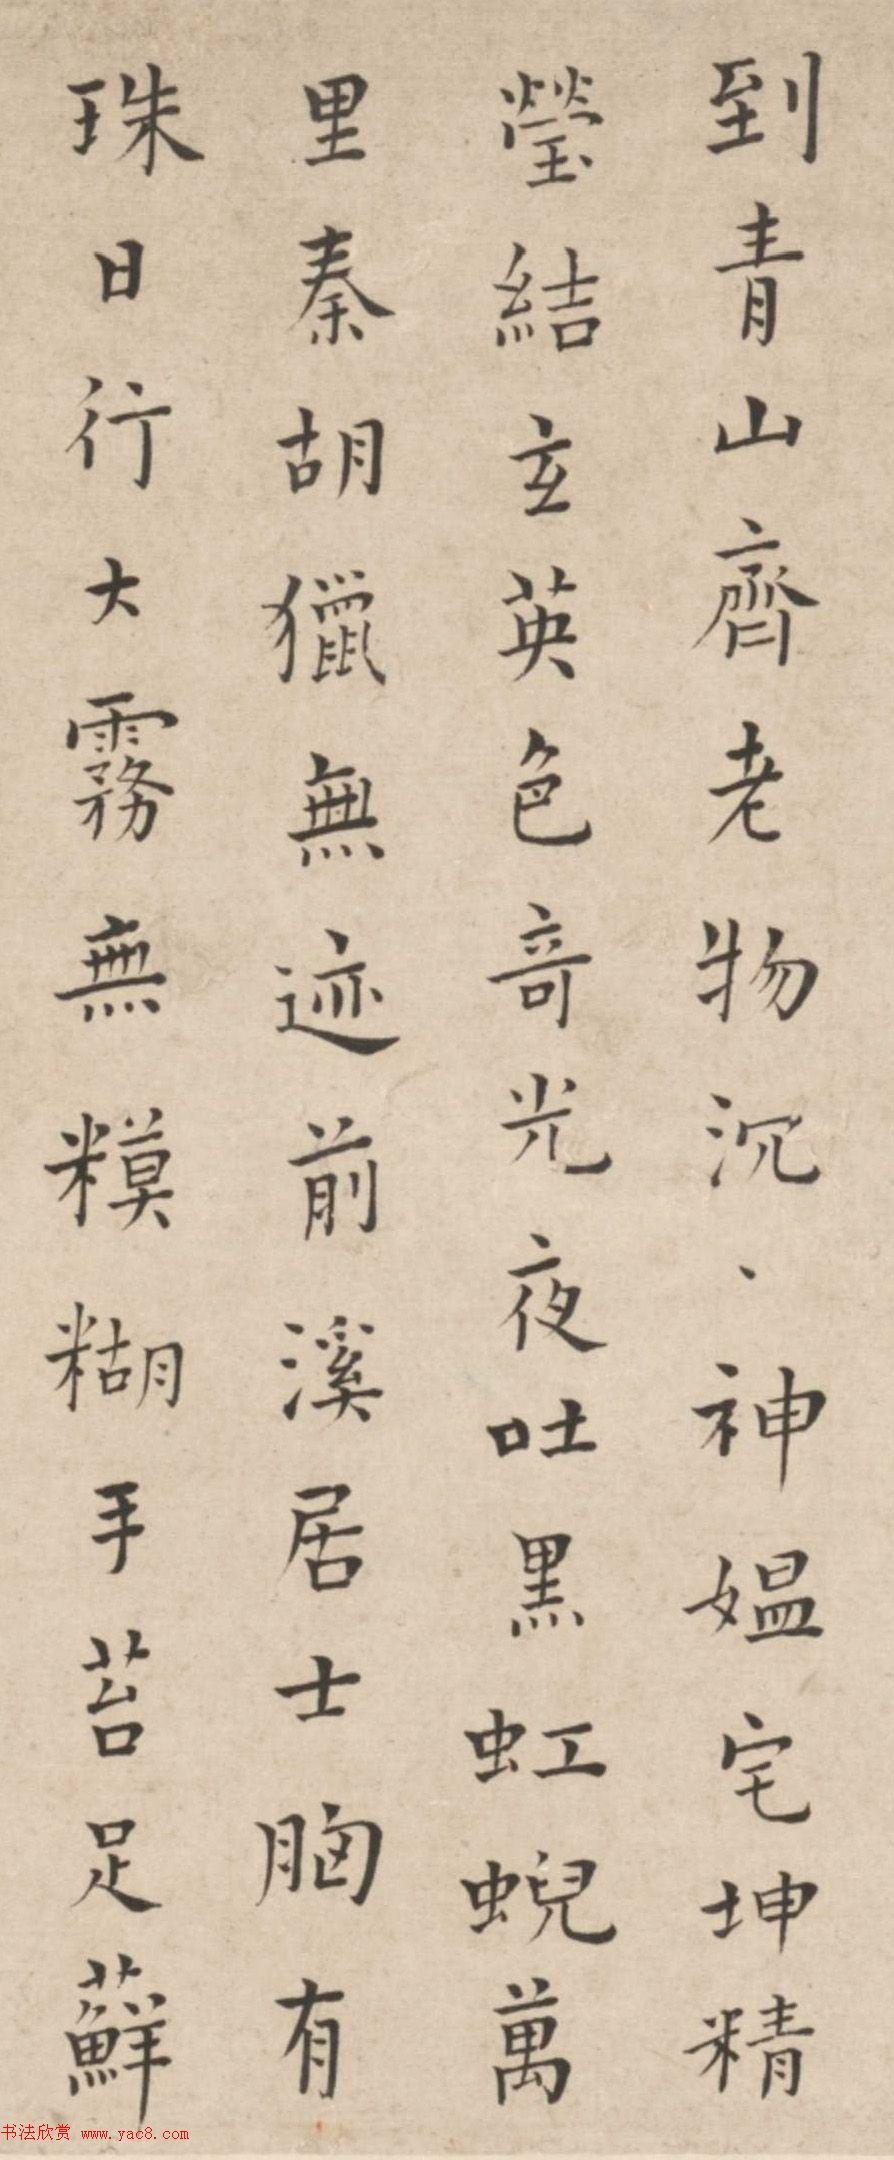 清代端木国瑚楷书汉砖研歌卷